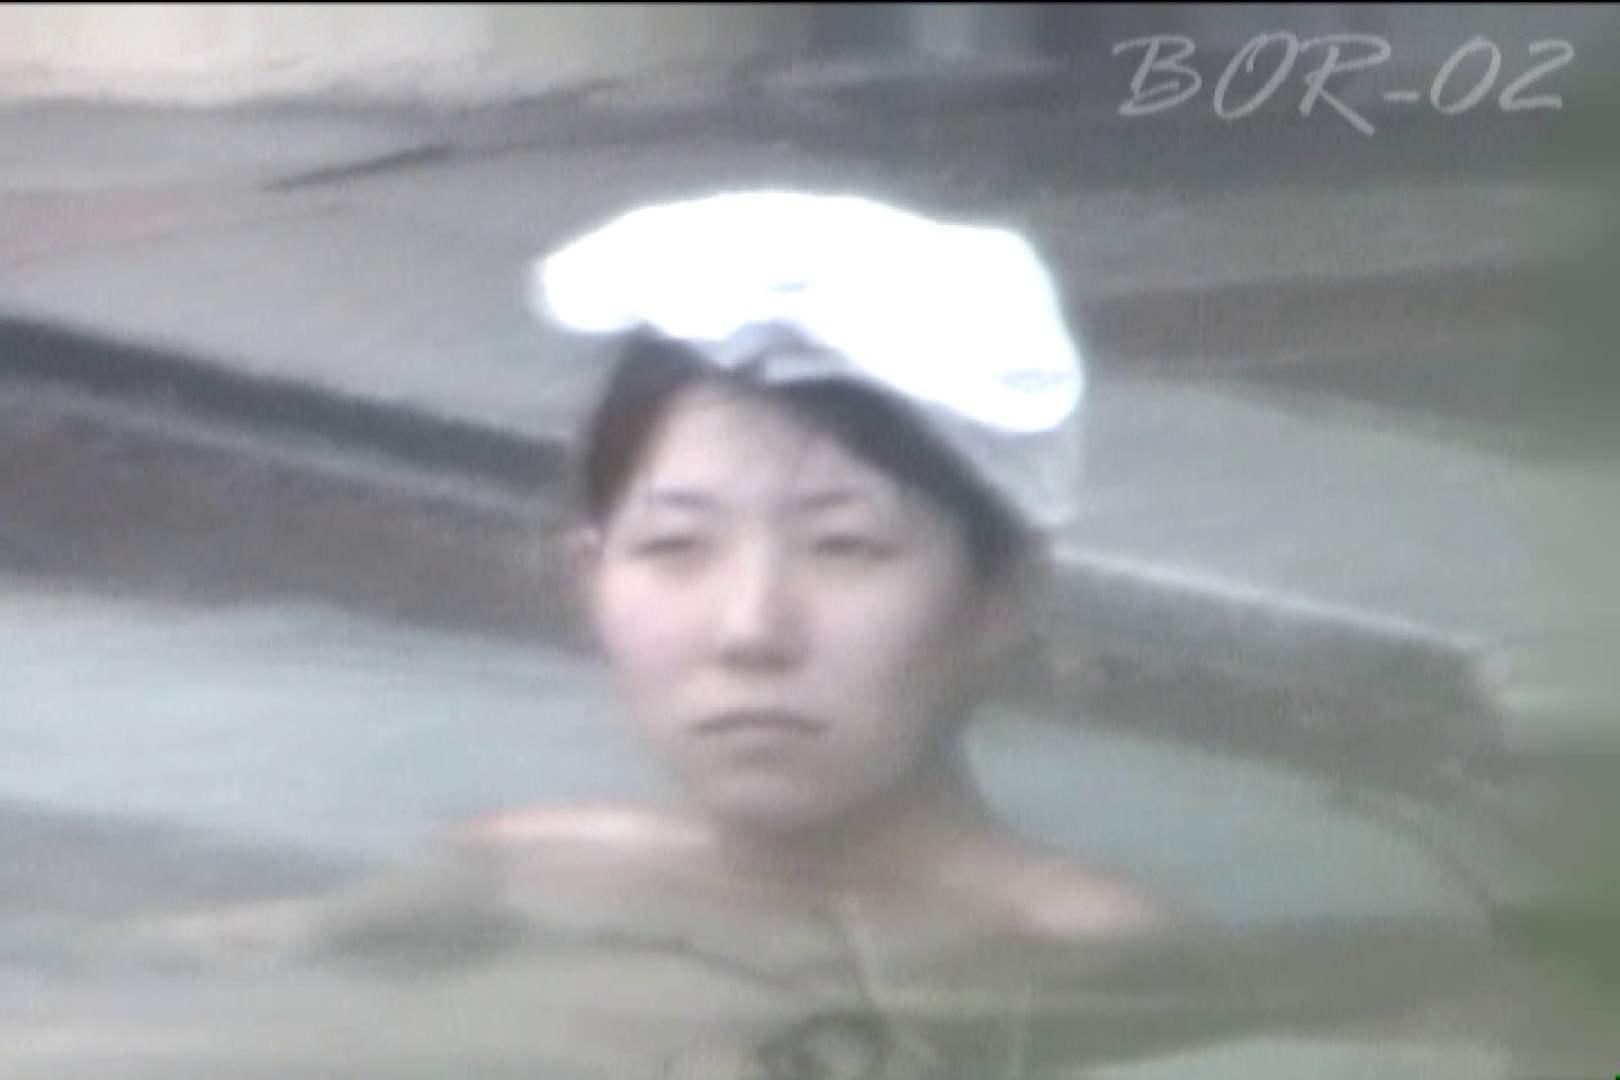 Aquaな露天風呂Vol.475 盗撮 セックス画像 96画像 29